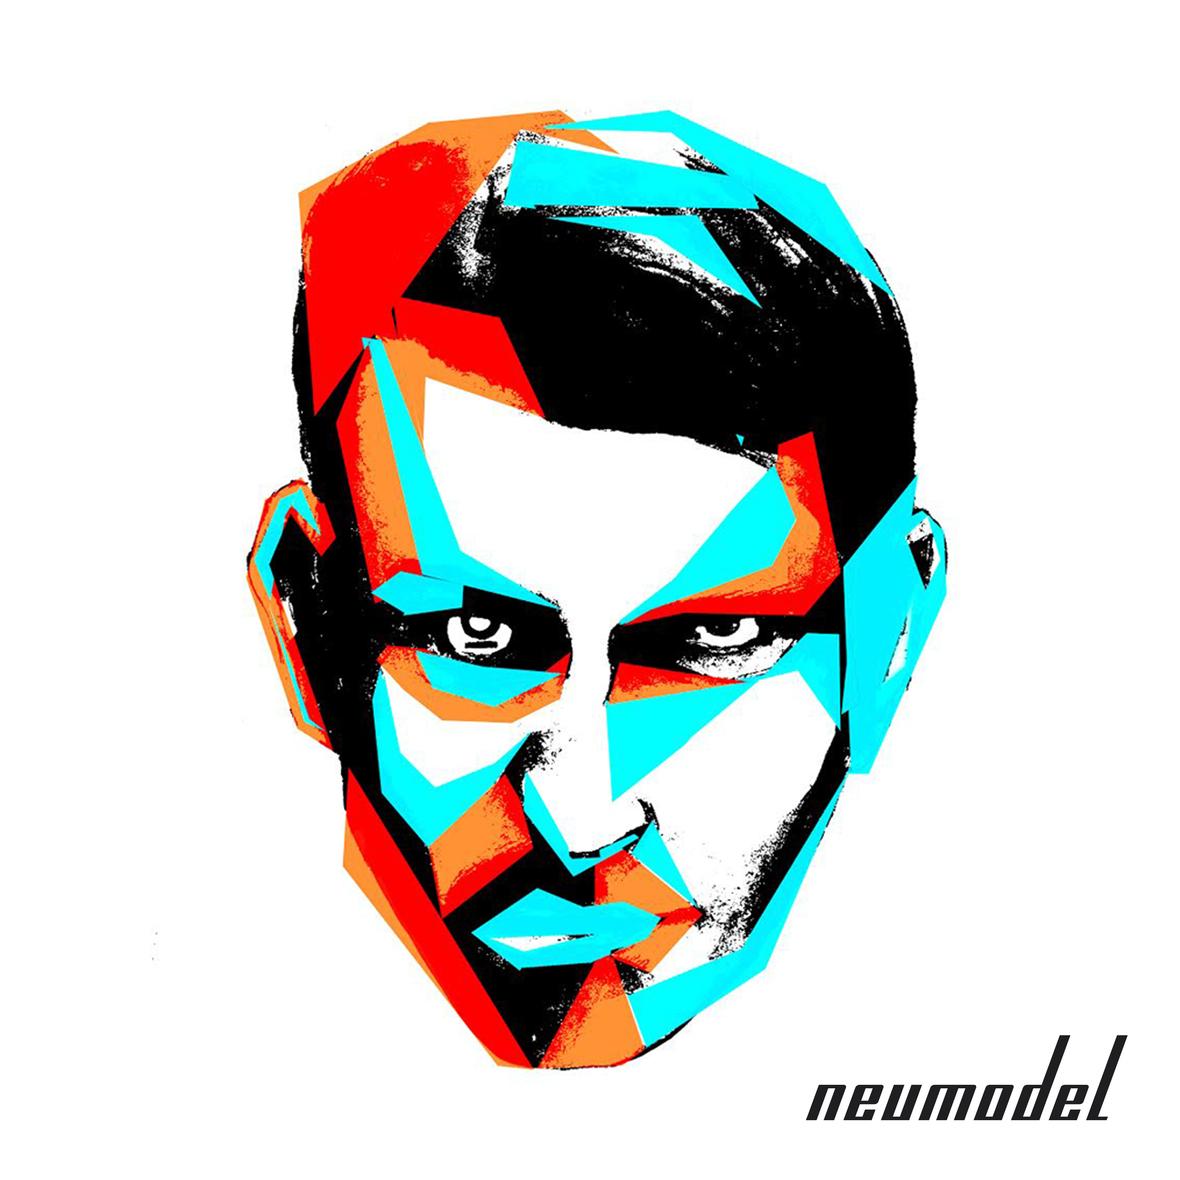 Neumodel - Alphabet EP